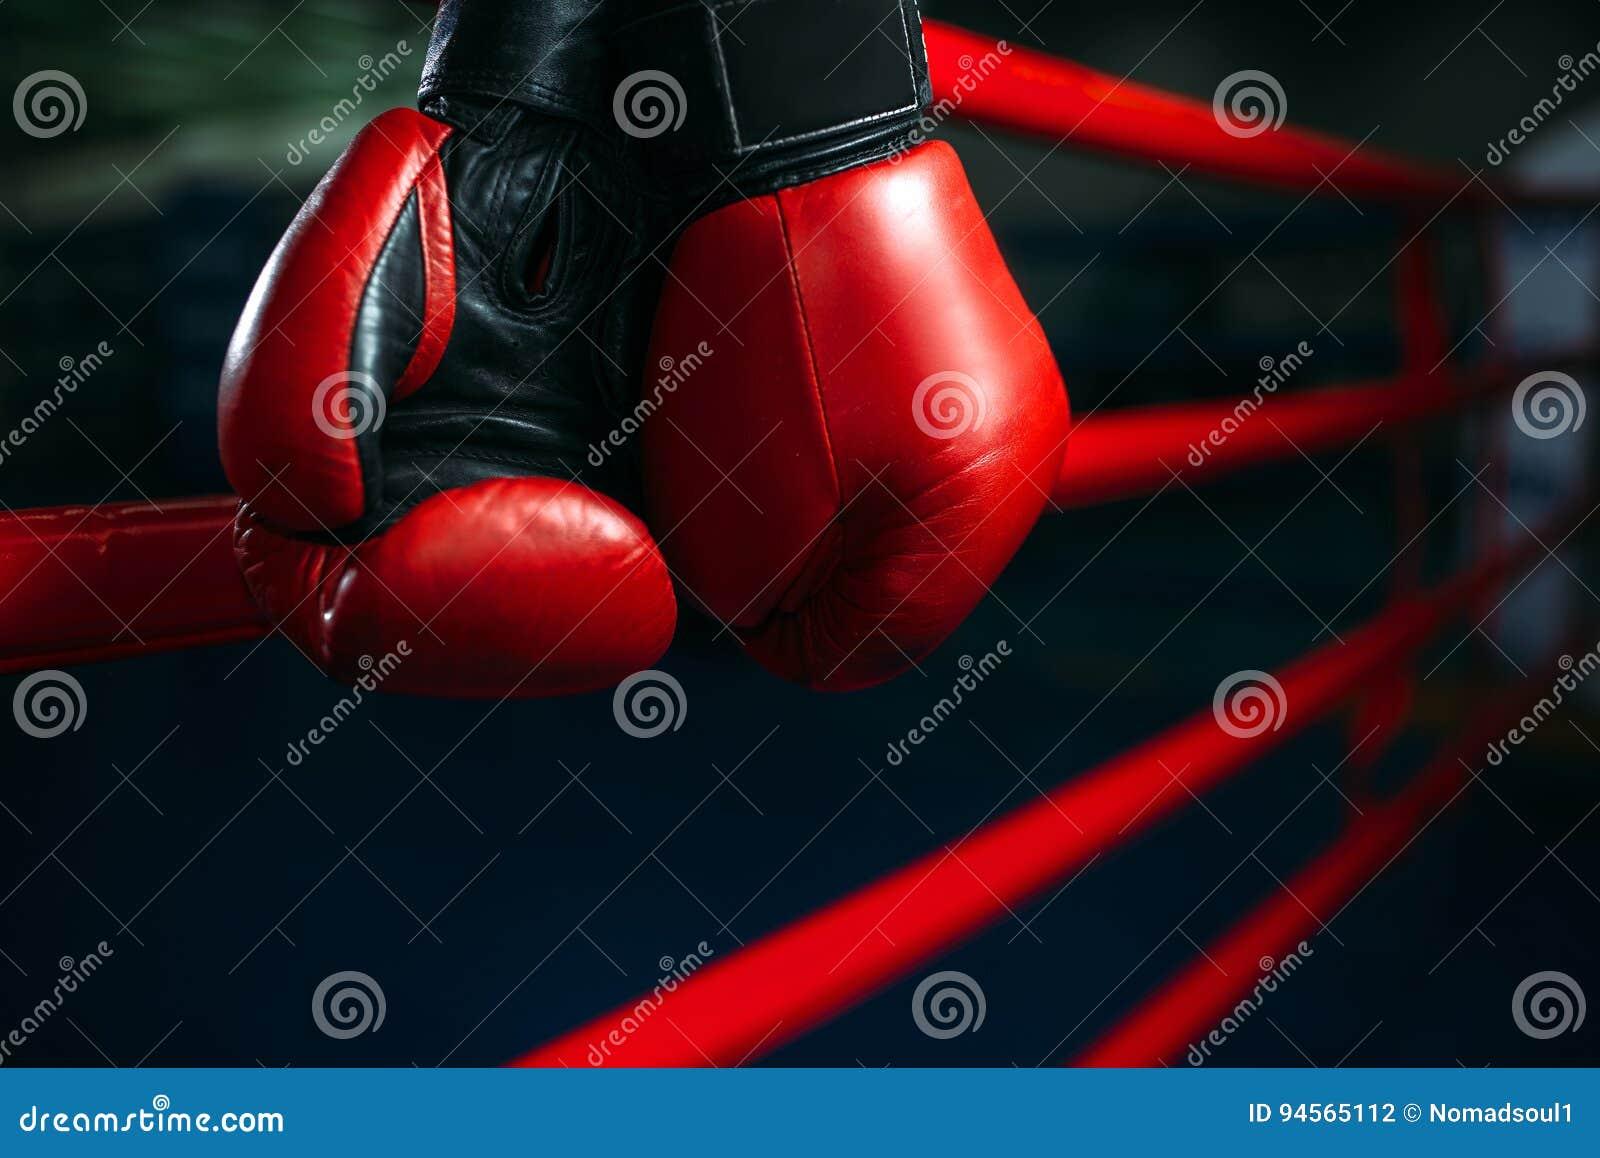 Handskar på cirkeln ropes och att boxas begrepp, inget